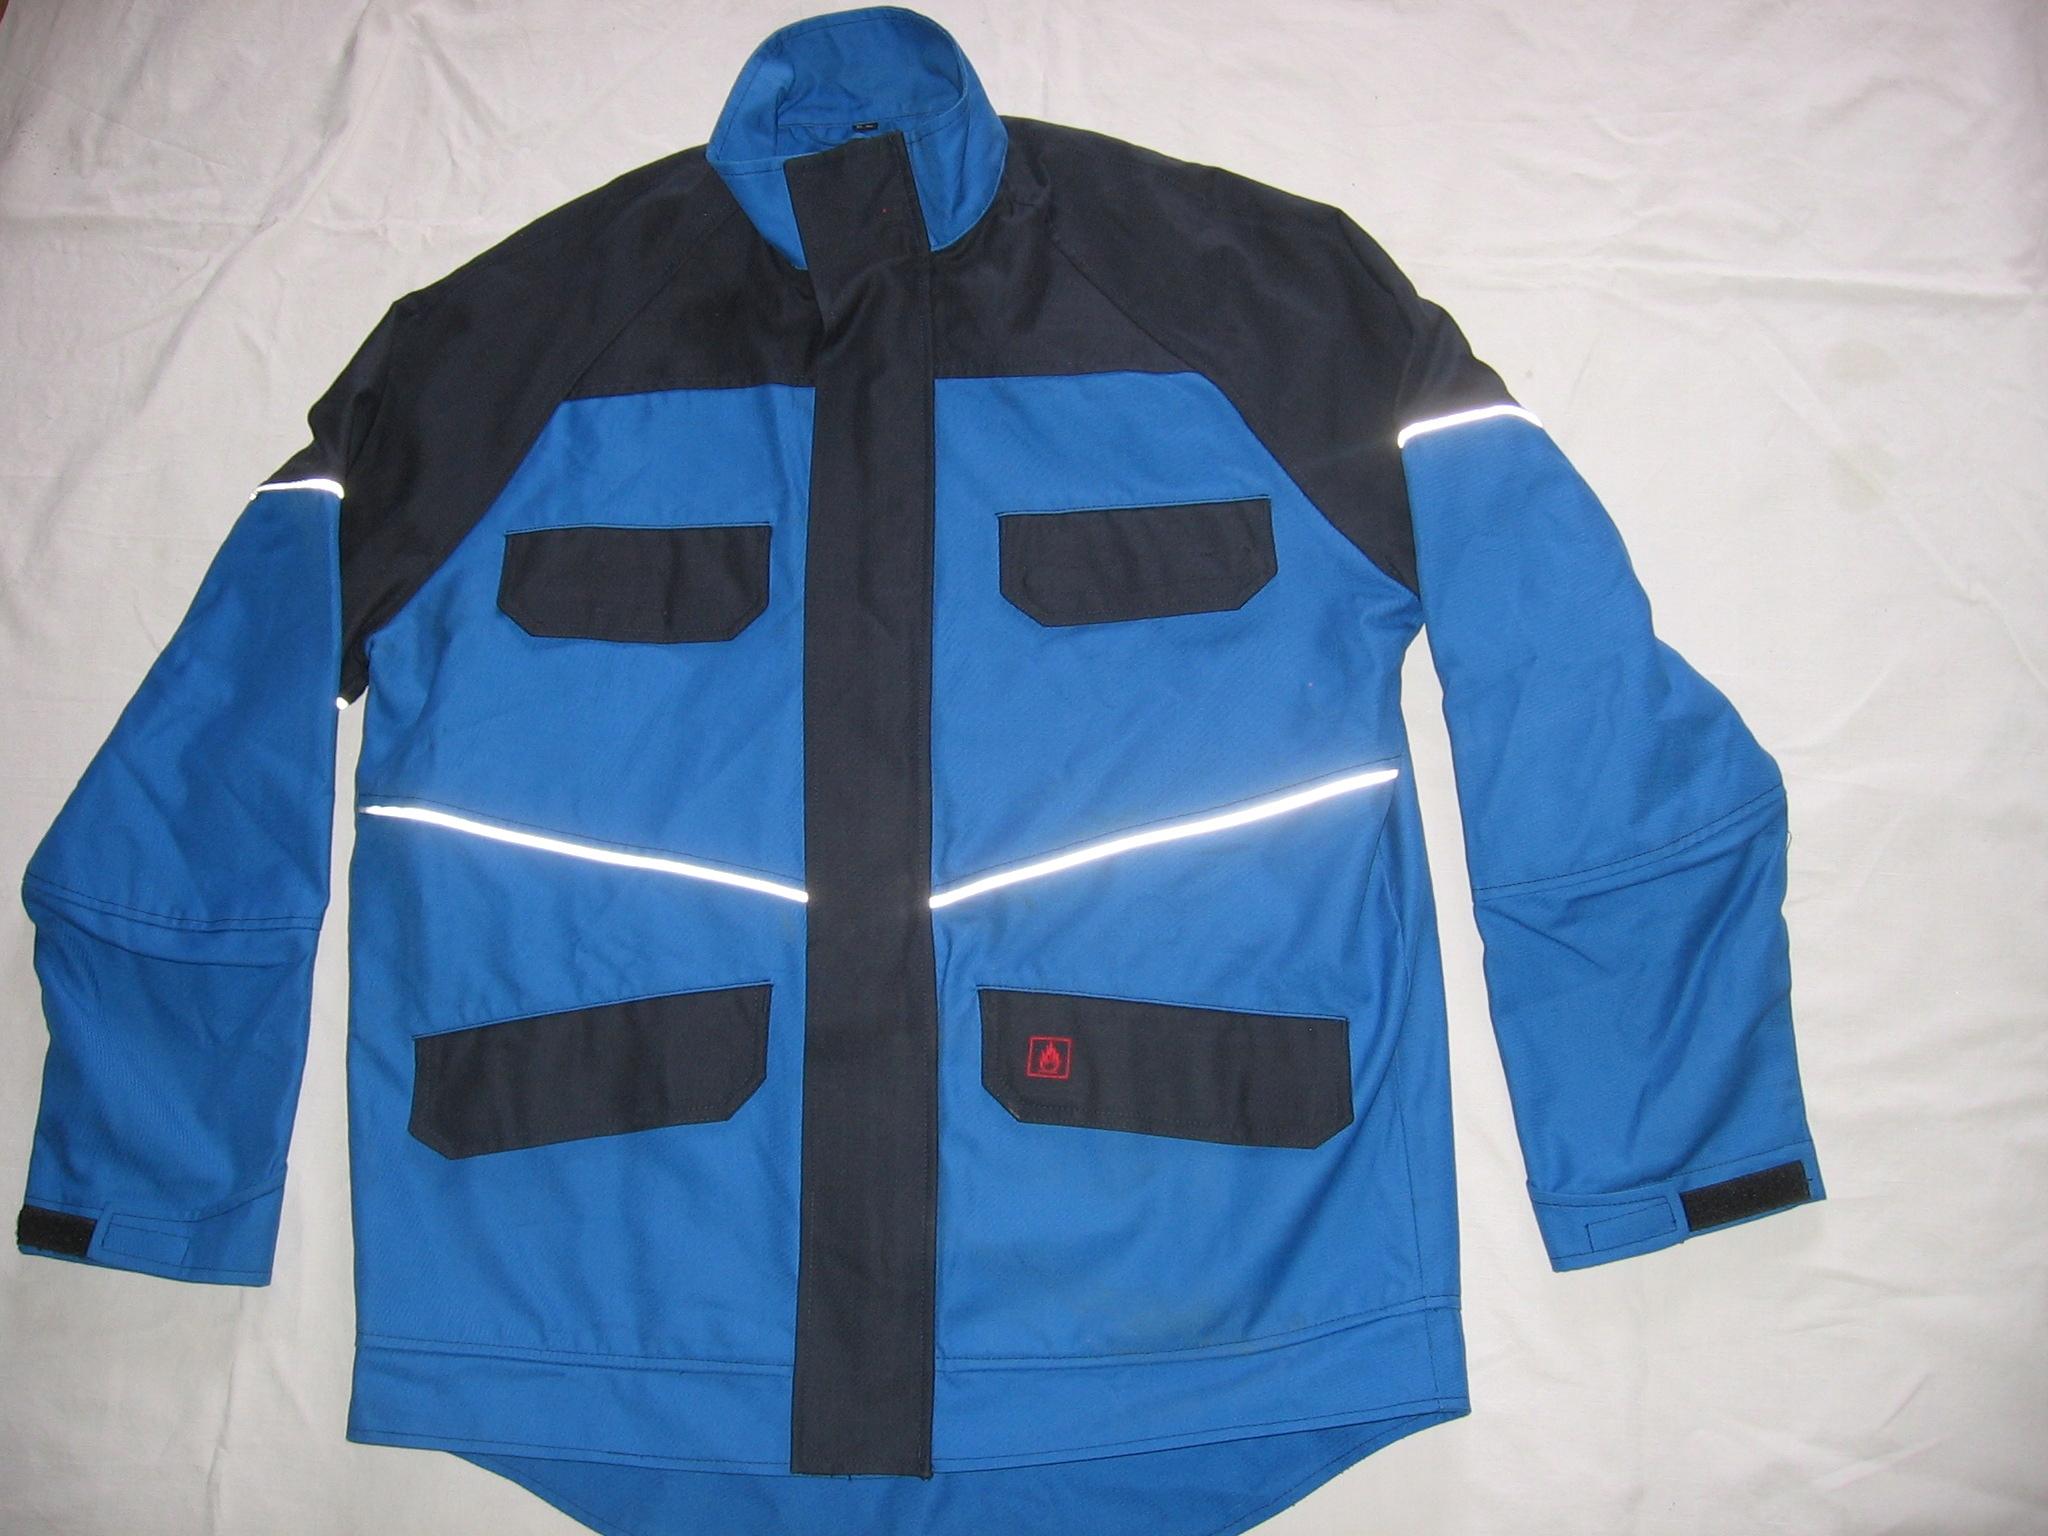 Bluza kurtka trudnopalna antyelektrostatyczna 50